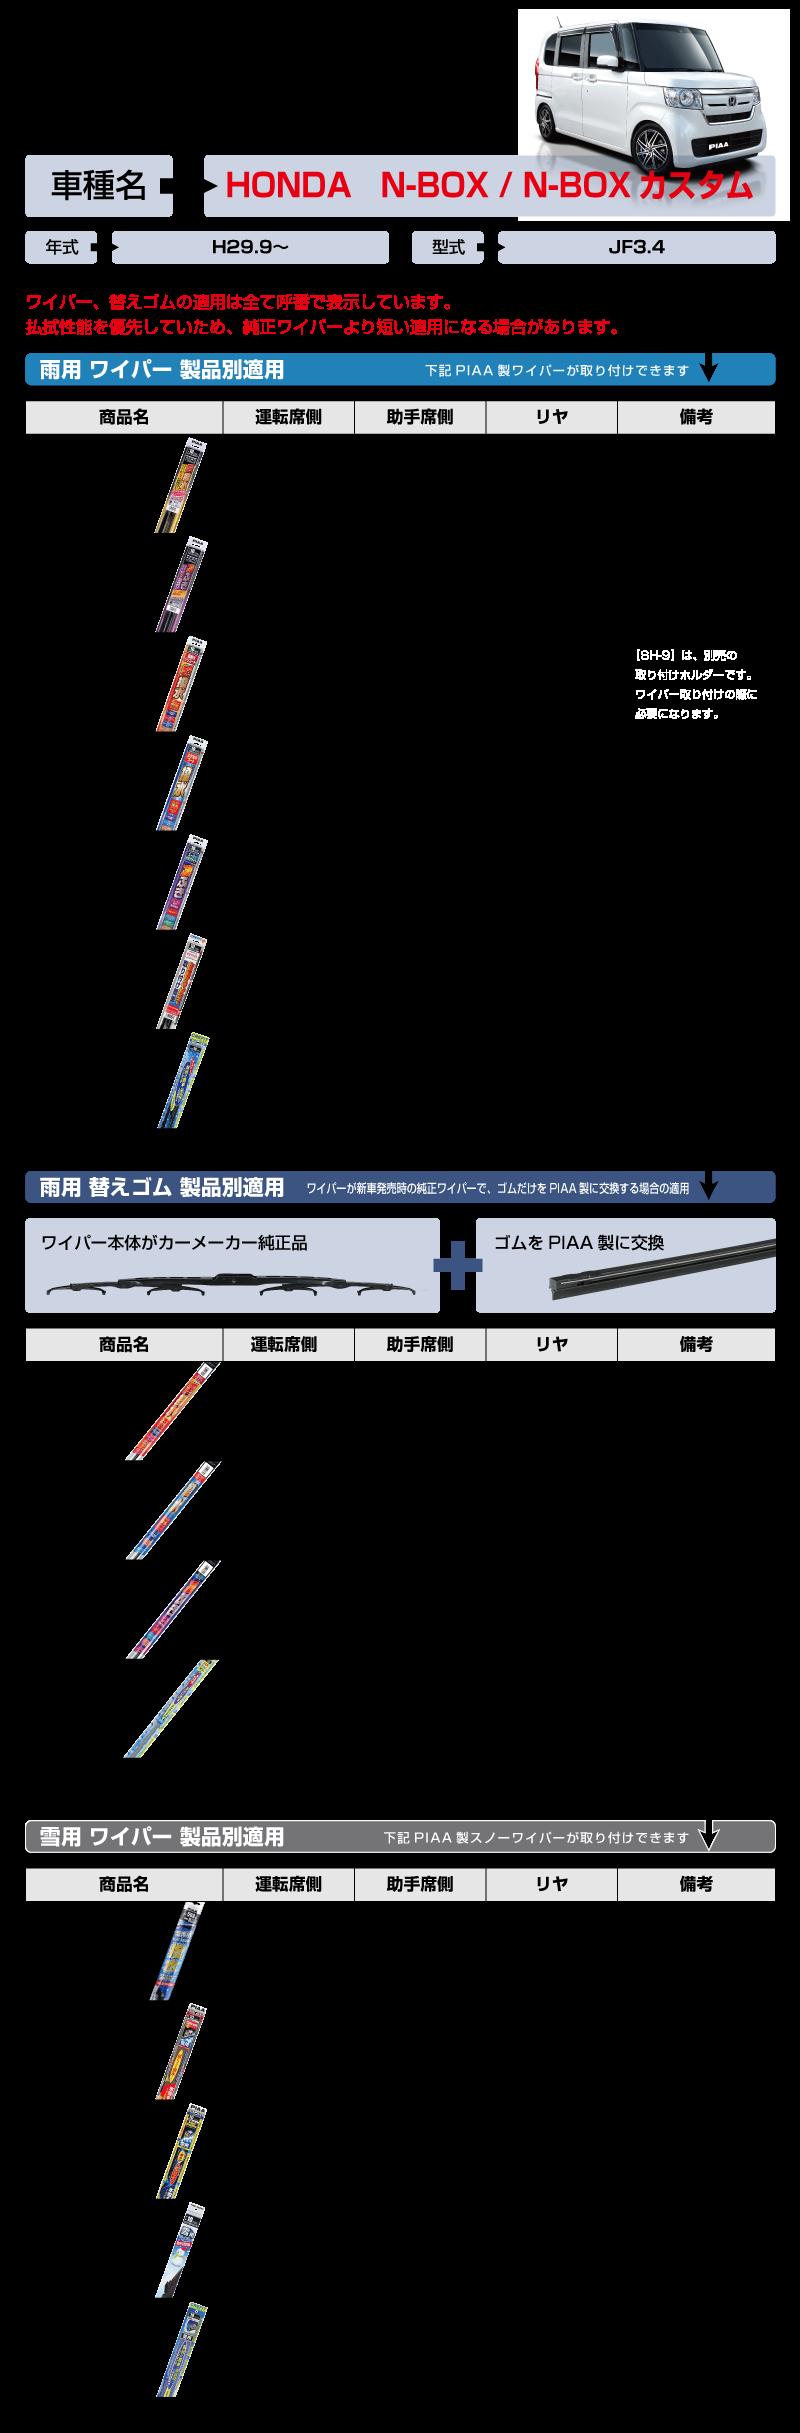 TEKIYO_HONDA_N-BOX_H29.9